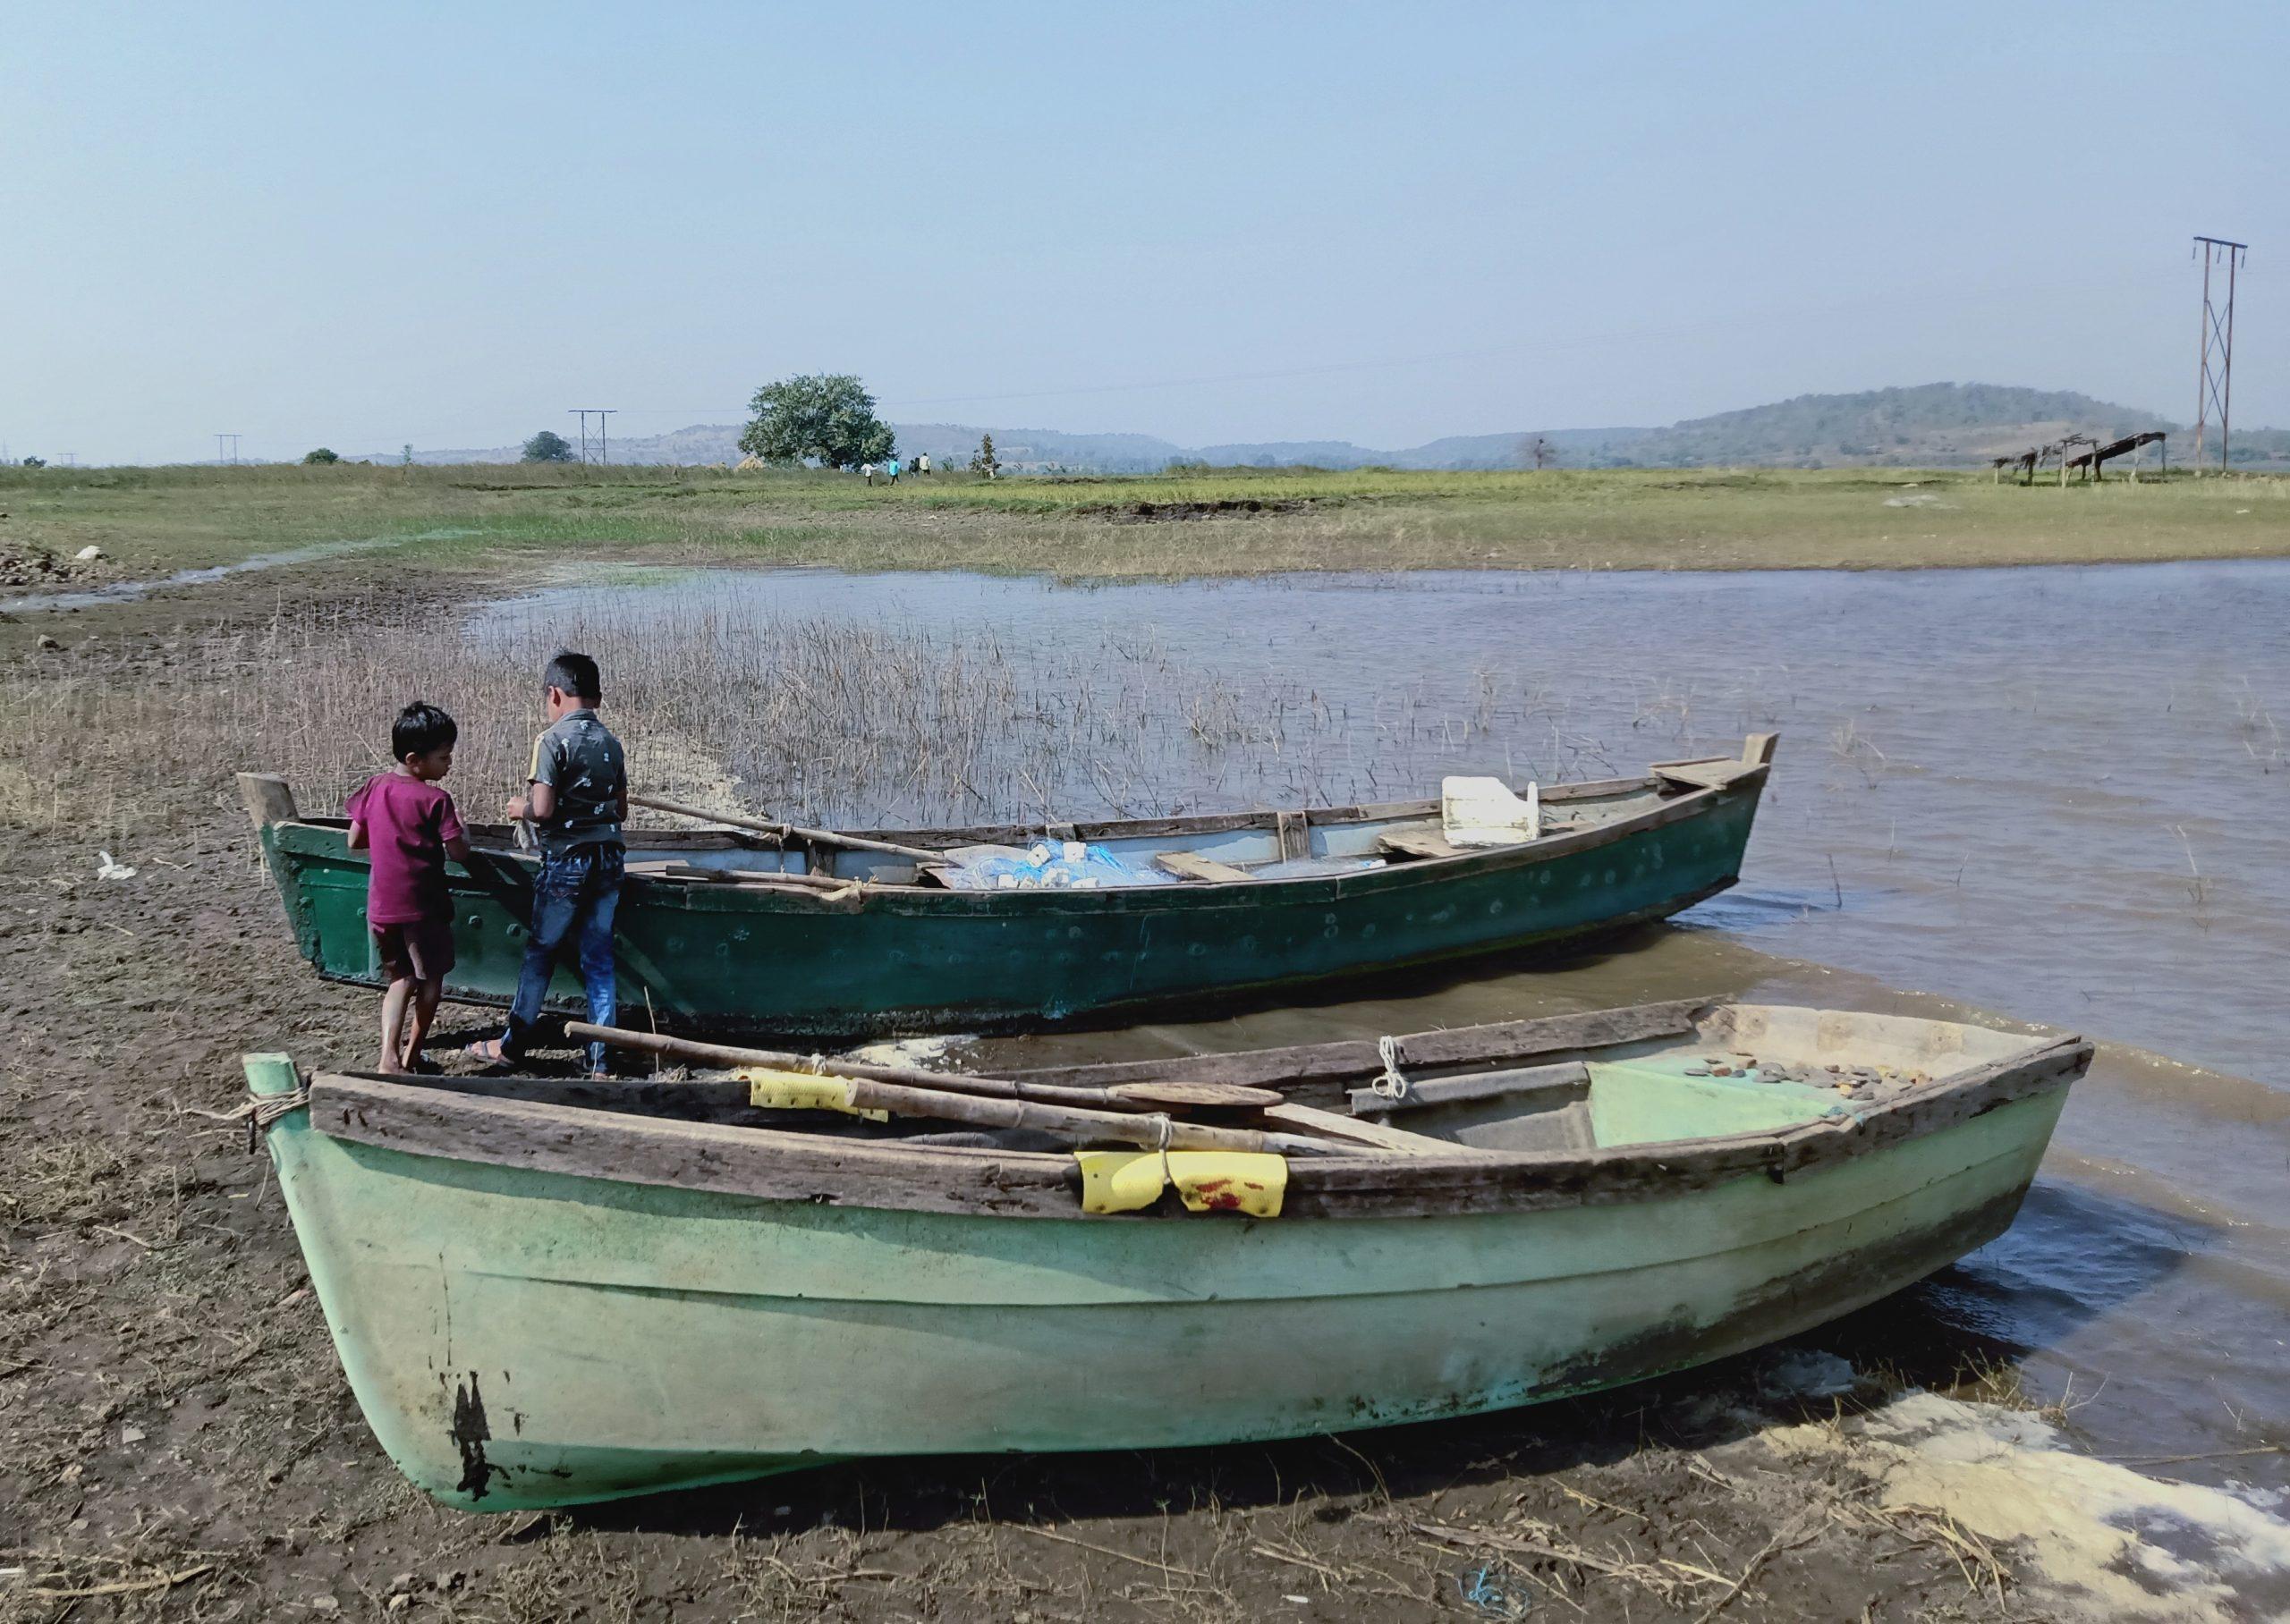 Children near boats